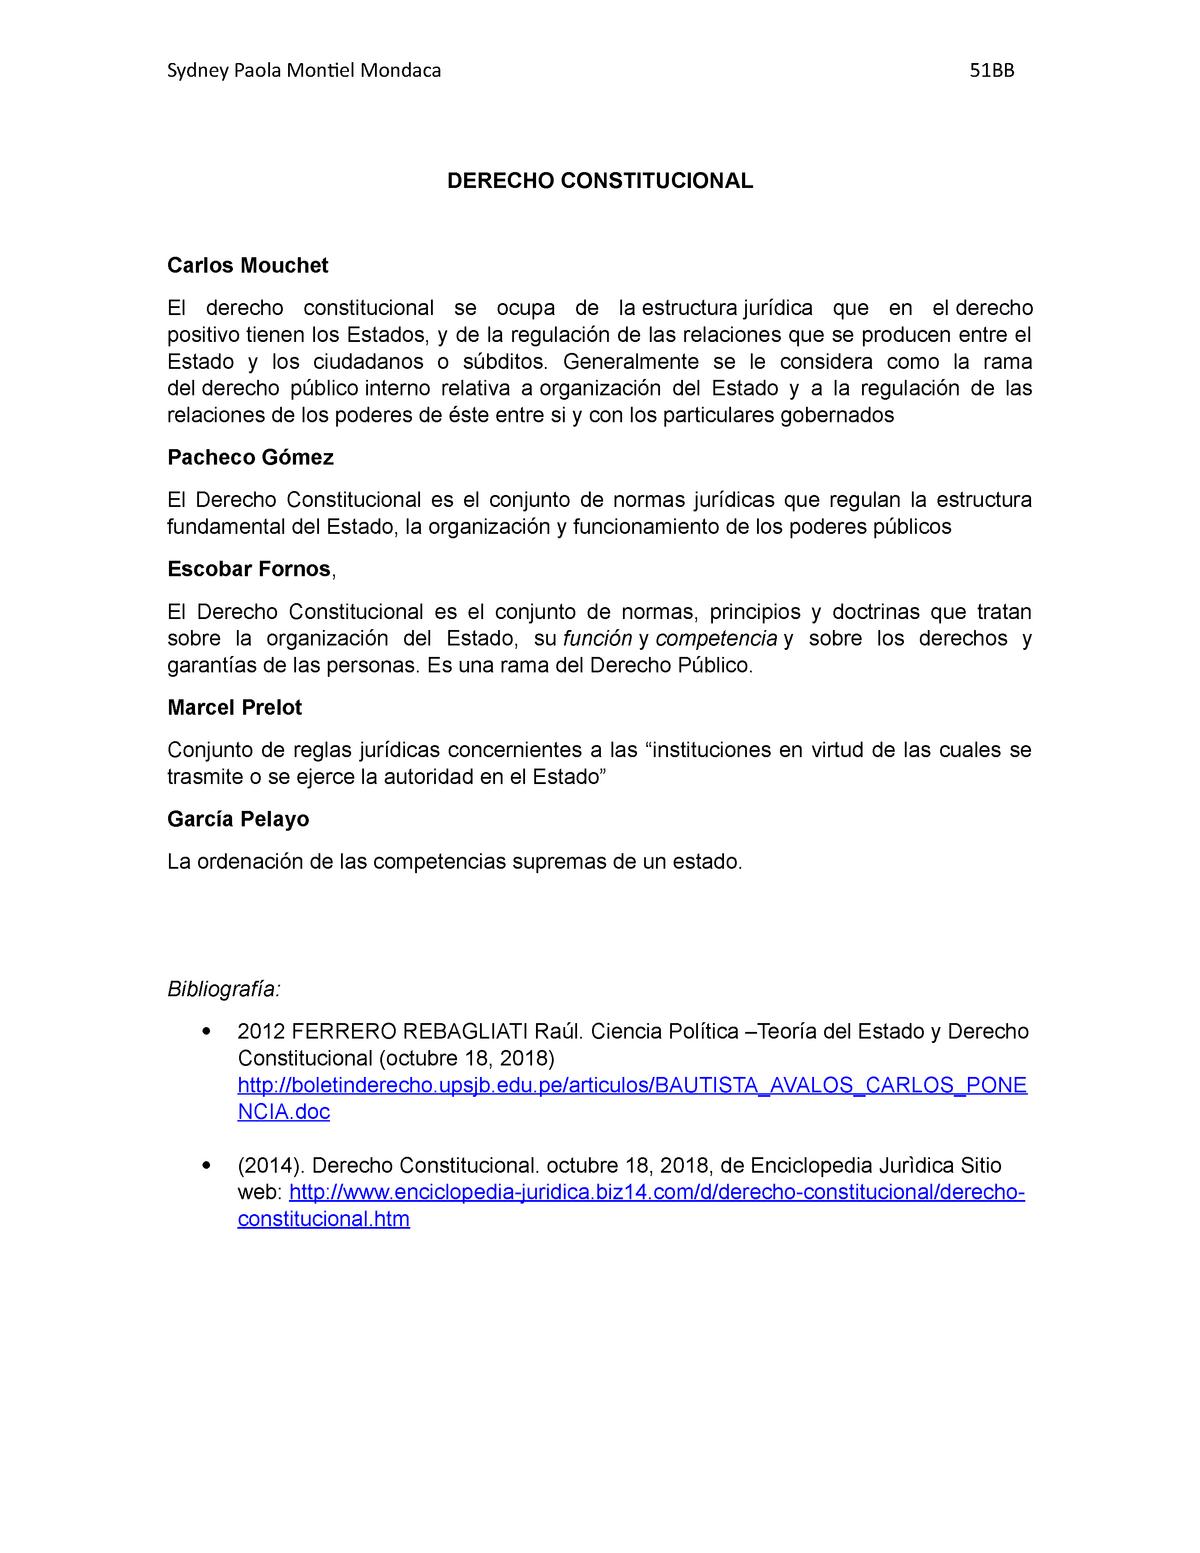 Derecho Constitucional Enciclopedía Jurídica Uvm Studocu